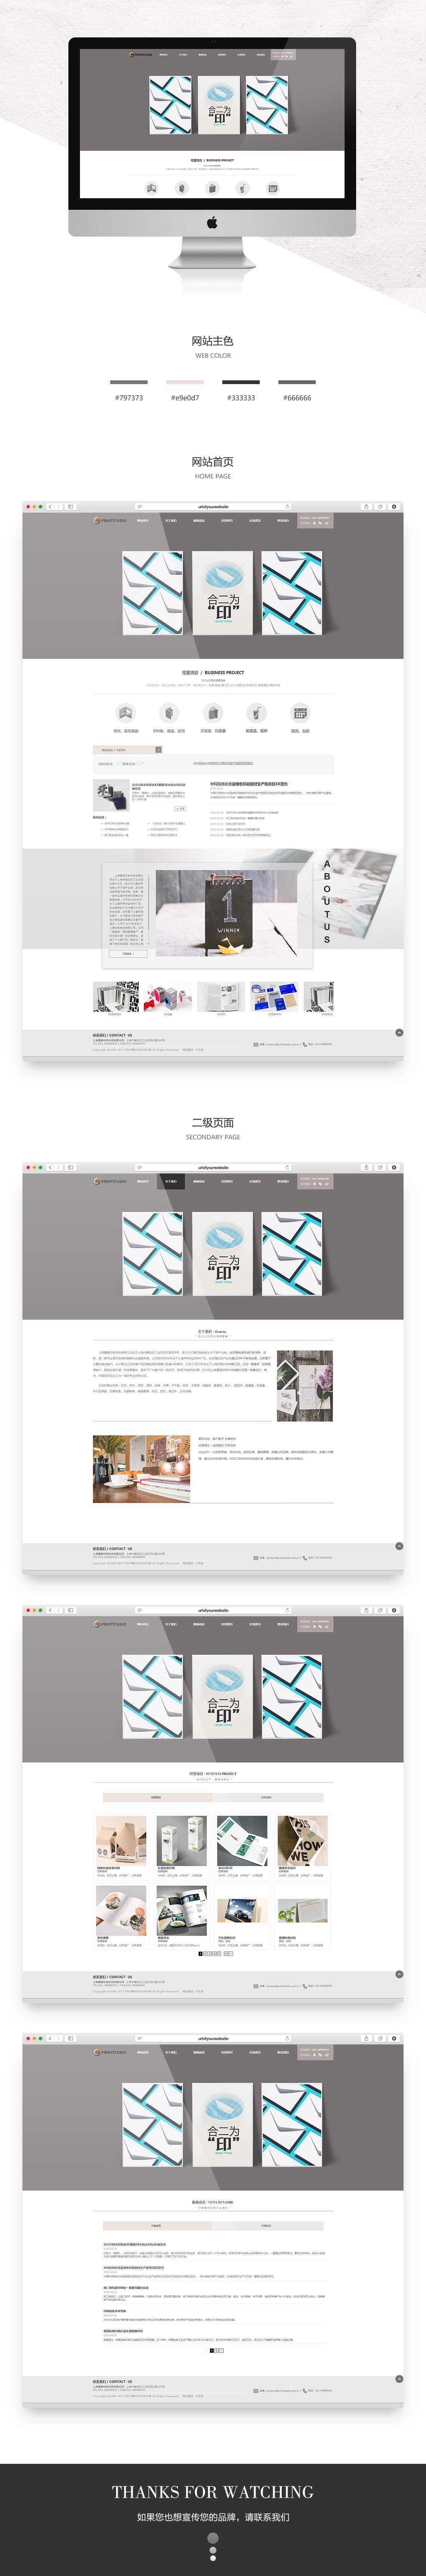 公司案例展示201805-5上海墨宴印务科技有限公司